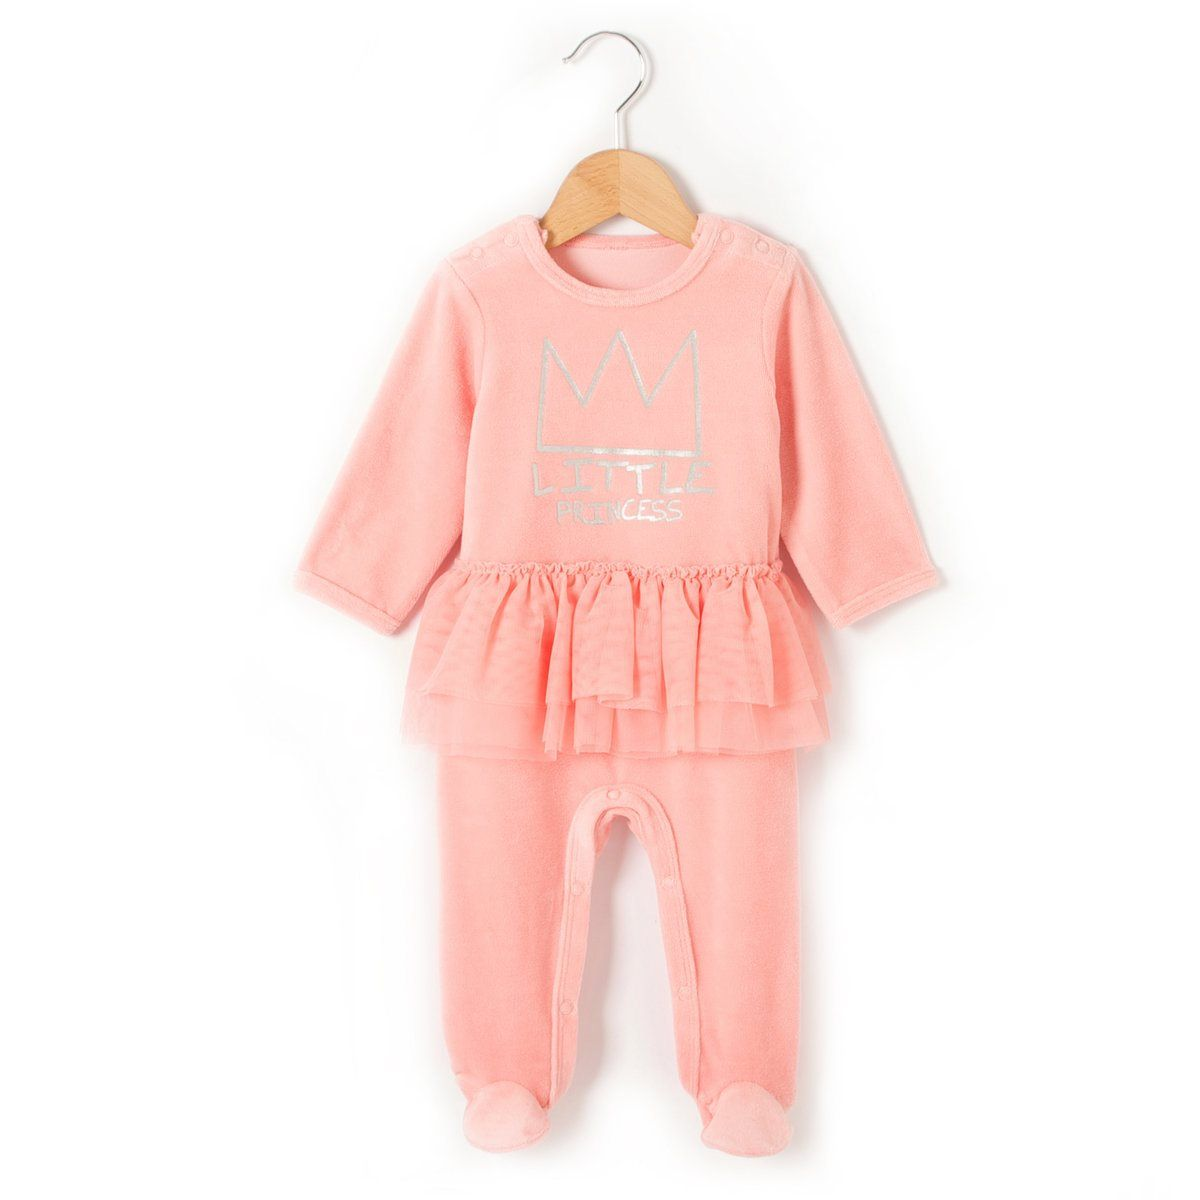 wellyou pyjama voor jongens en meisjes, eendelig lange